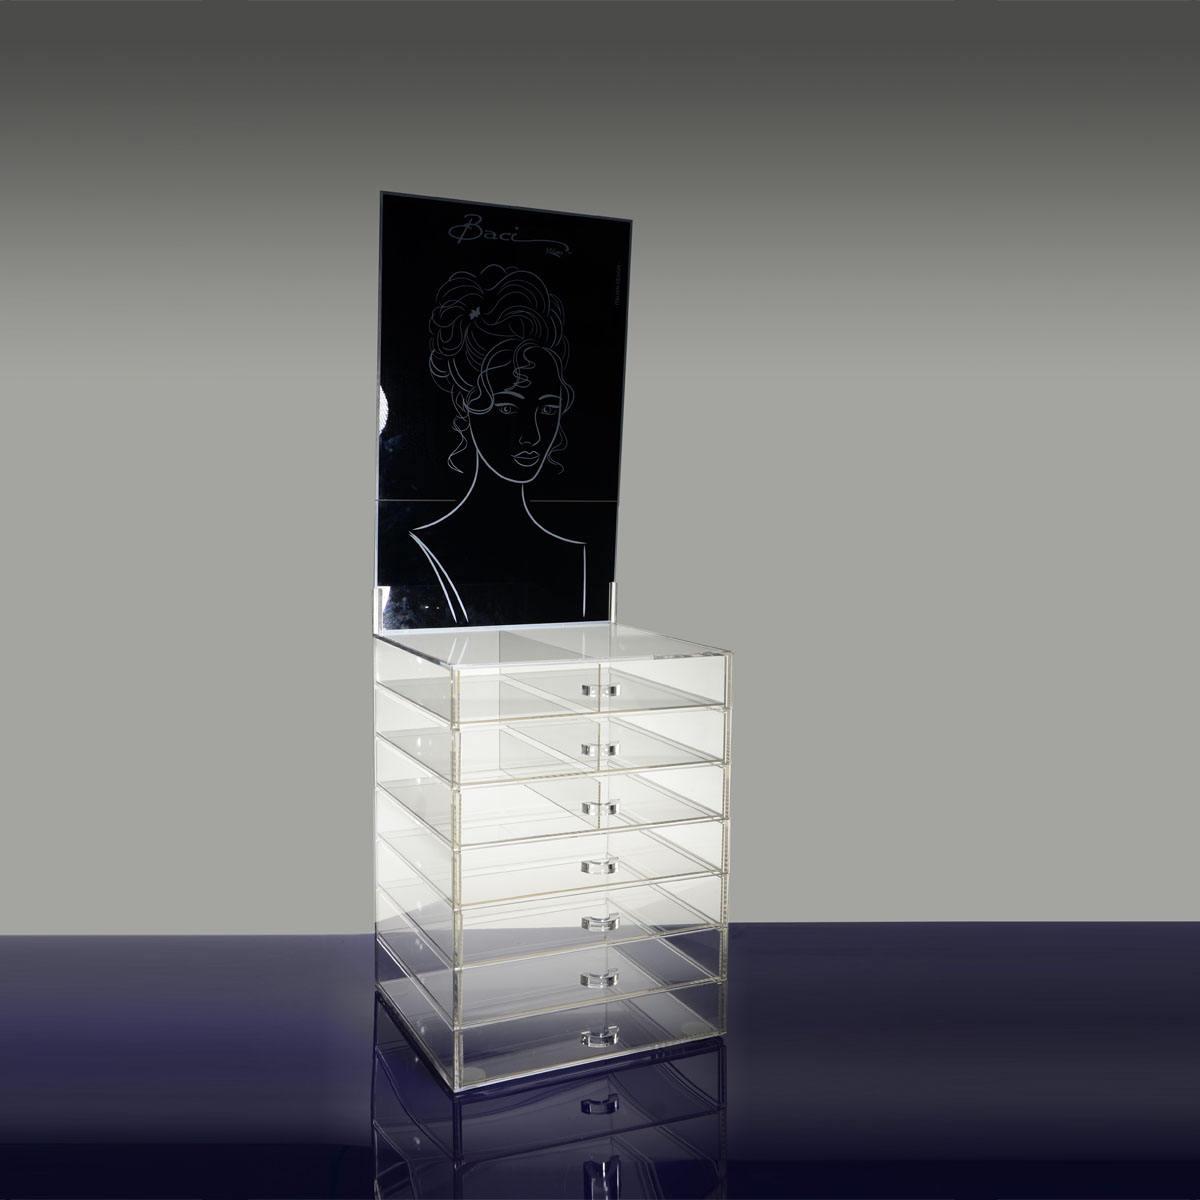 7 capas de acrílico de hardware cajones de almacenaje de la joyería organizador con negro de cabecera